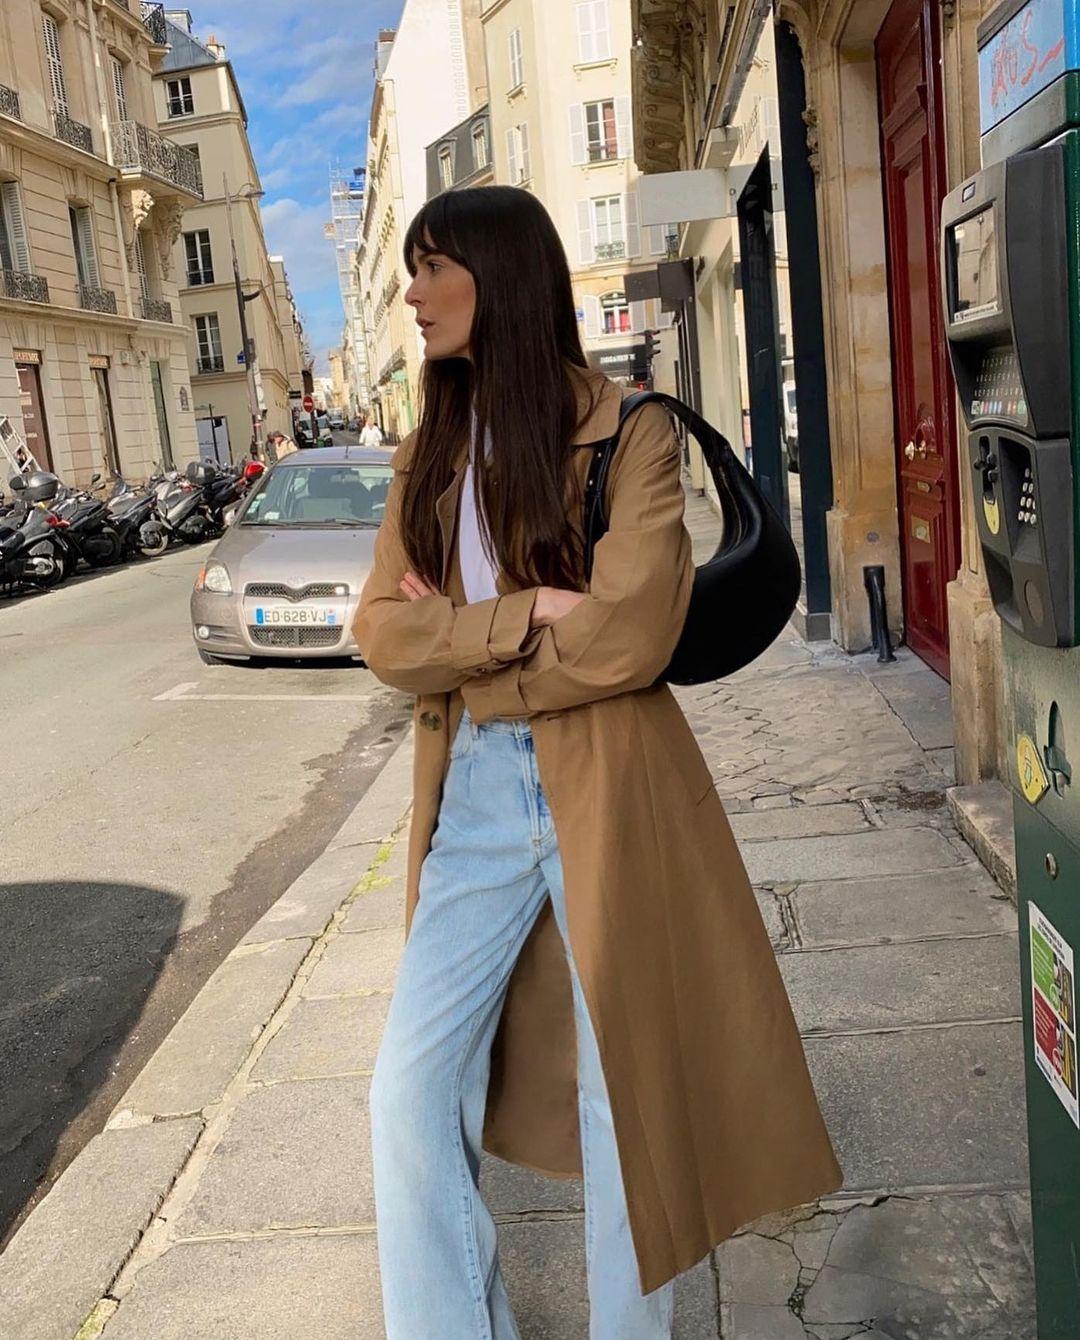 Hội IT Girl nước Pháp có đến 9 bí kíp diện đồ để không bao giờ mặc xấu, chỉ thanh lịch và sang chảnh trở lên - Ảnh 21